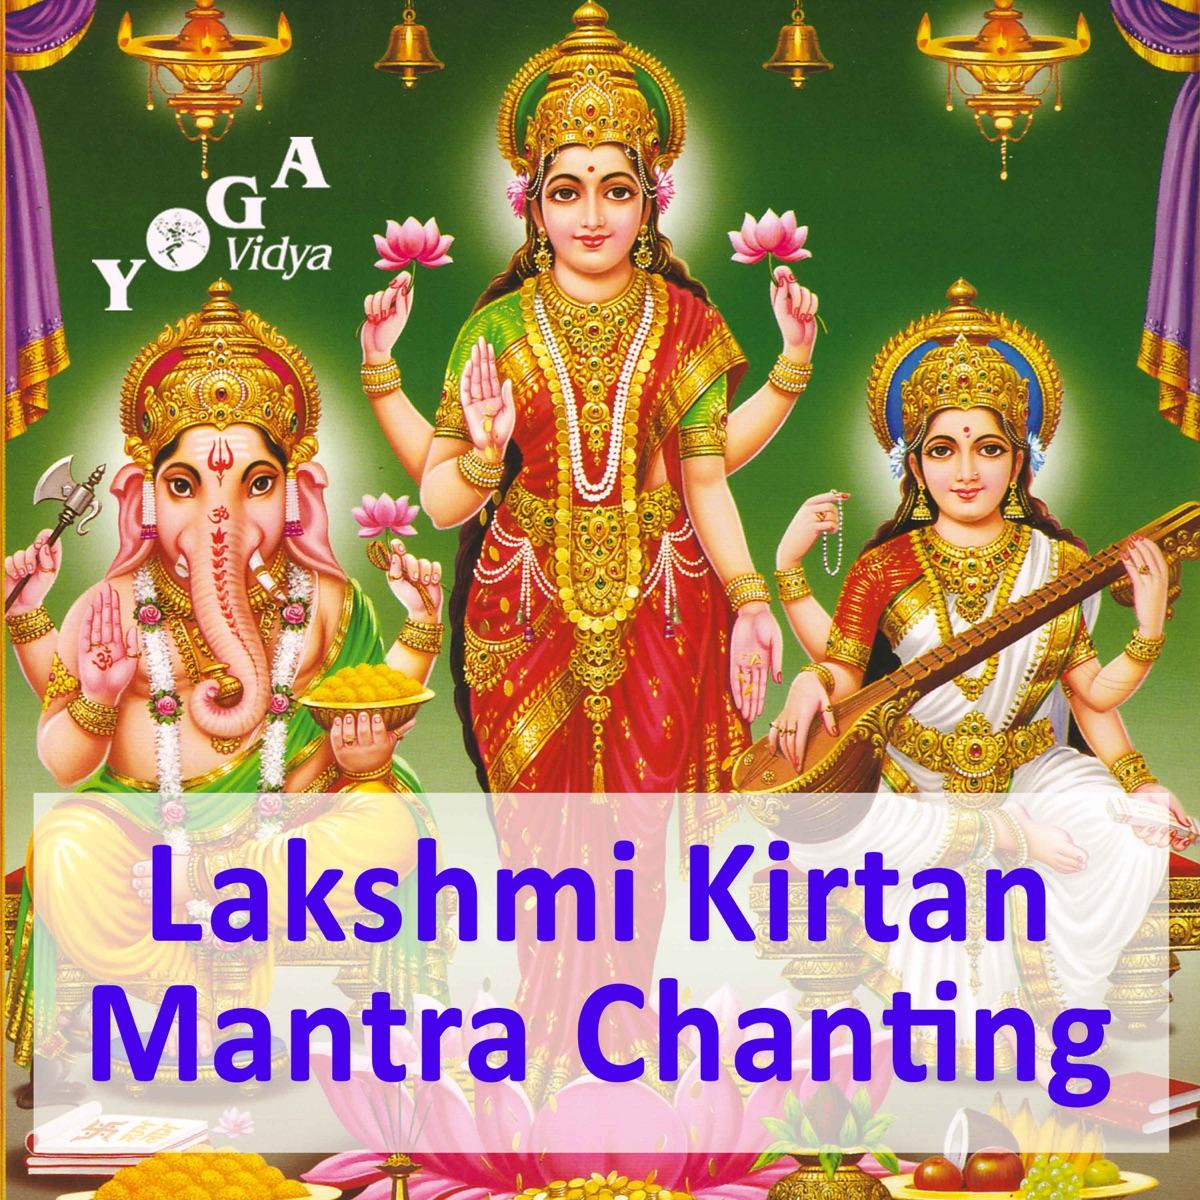 Lakshmi Mantra Recitation, Chanting and Kirtan